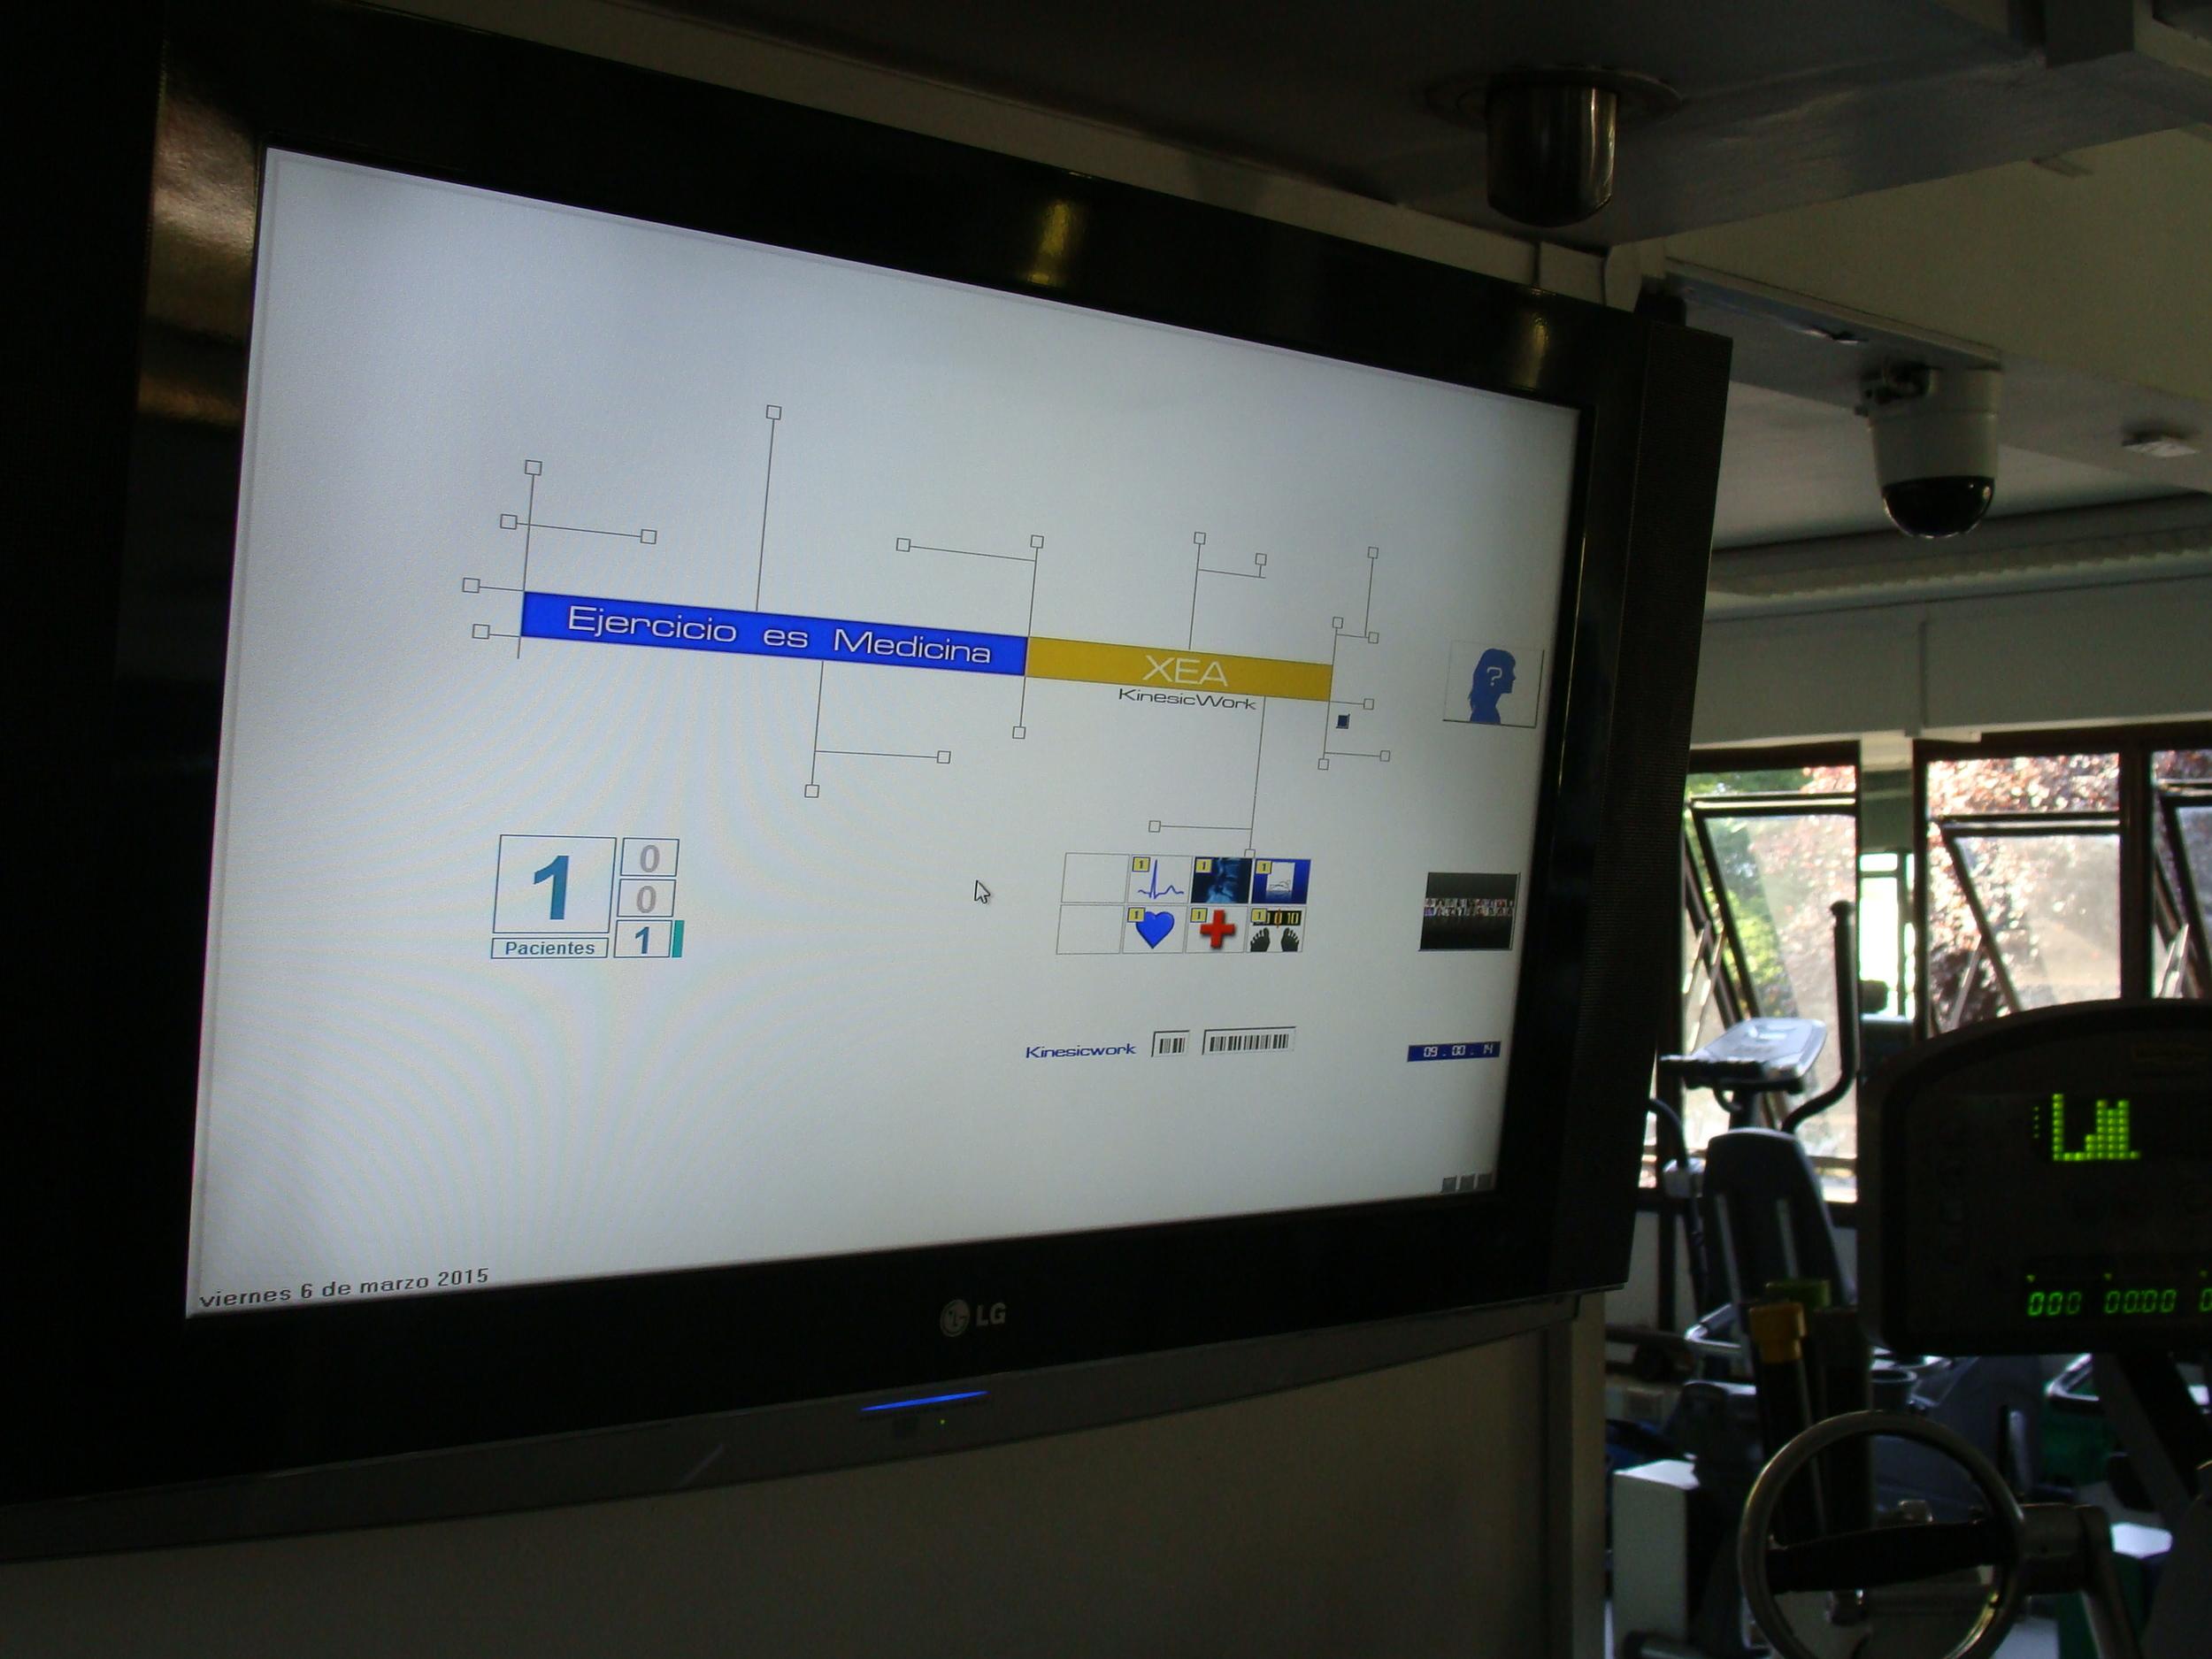 clinica de ejercicio kw - software vector - metodo xea.JPG